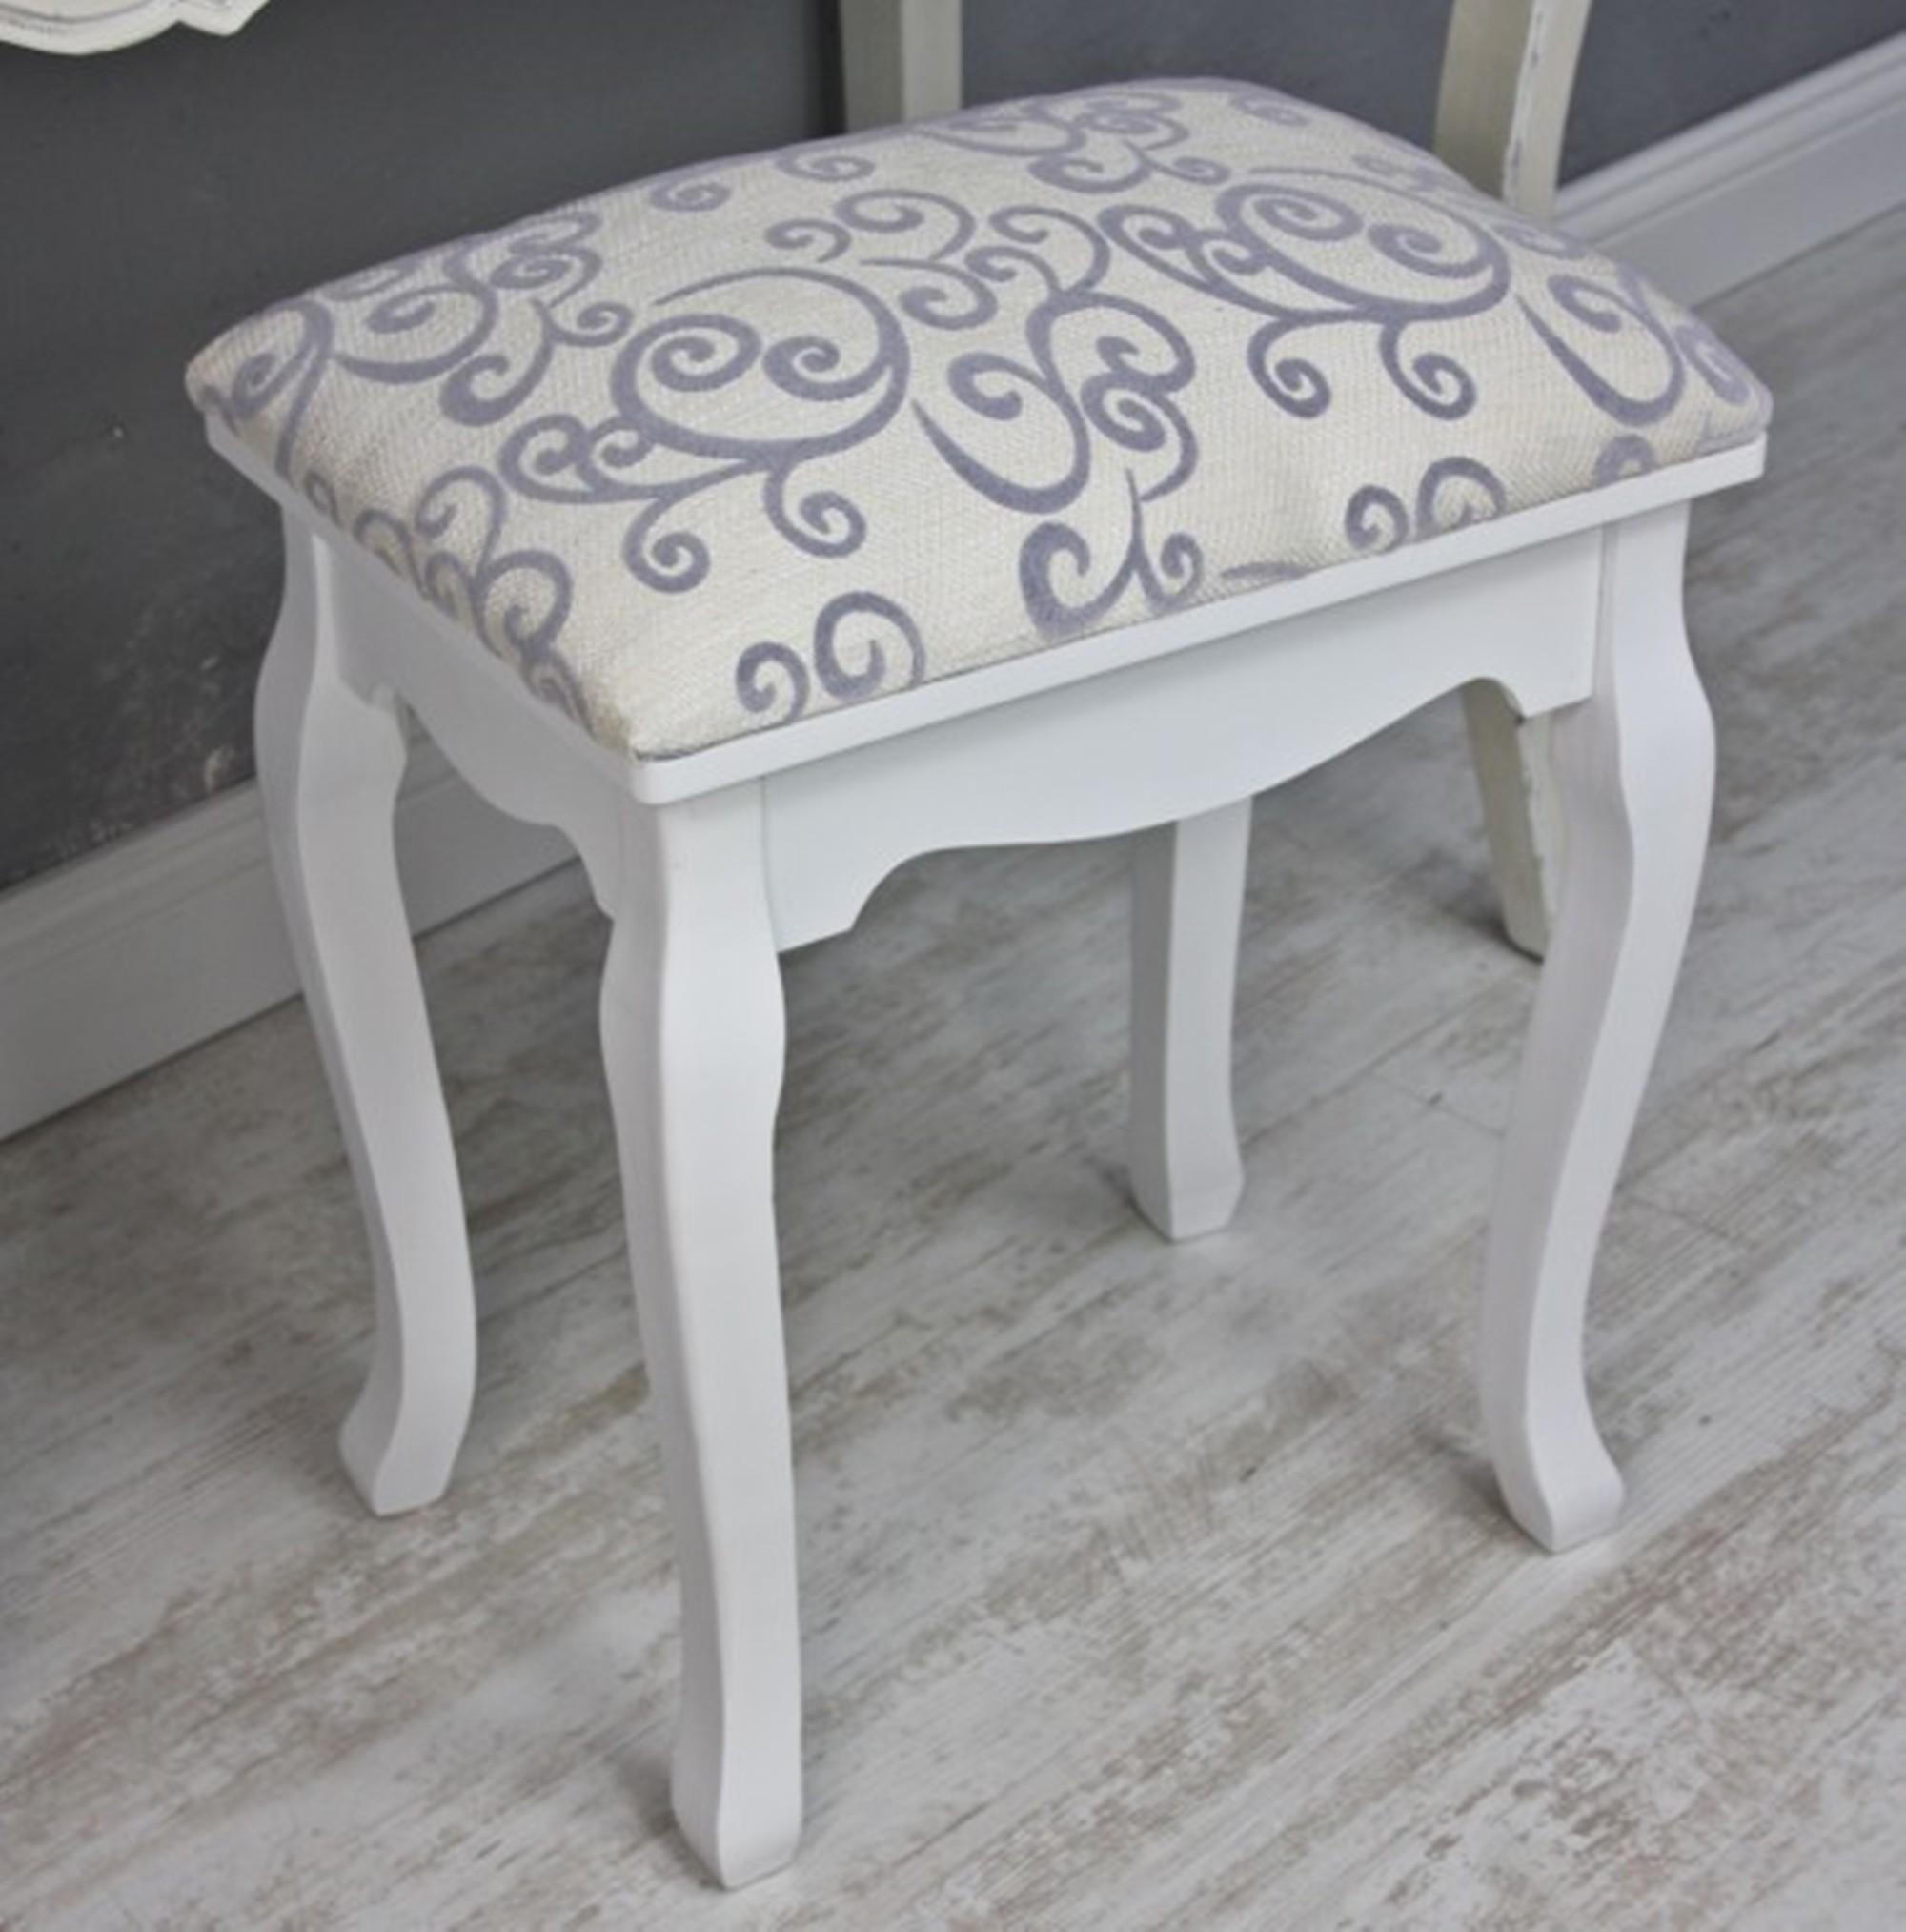 sitzhocker hocker wei landhaus stuhl schminktisch holzhocker schemel polster ebay. Black Bedroom Furniture Sets. Home Design Ideas